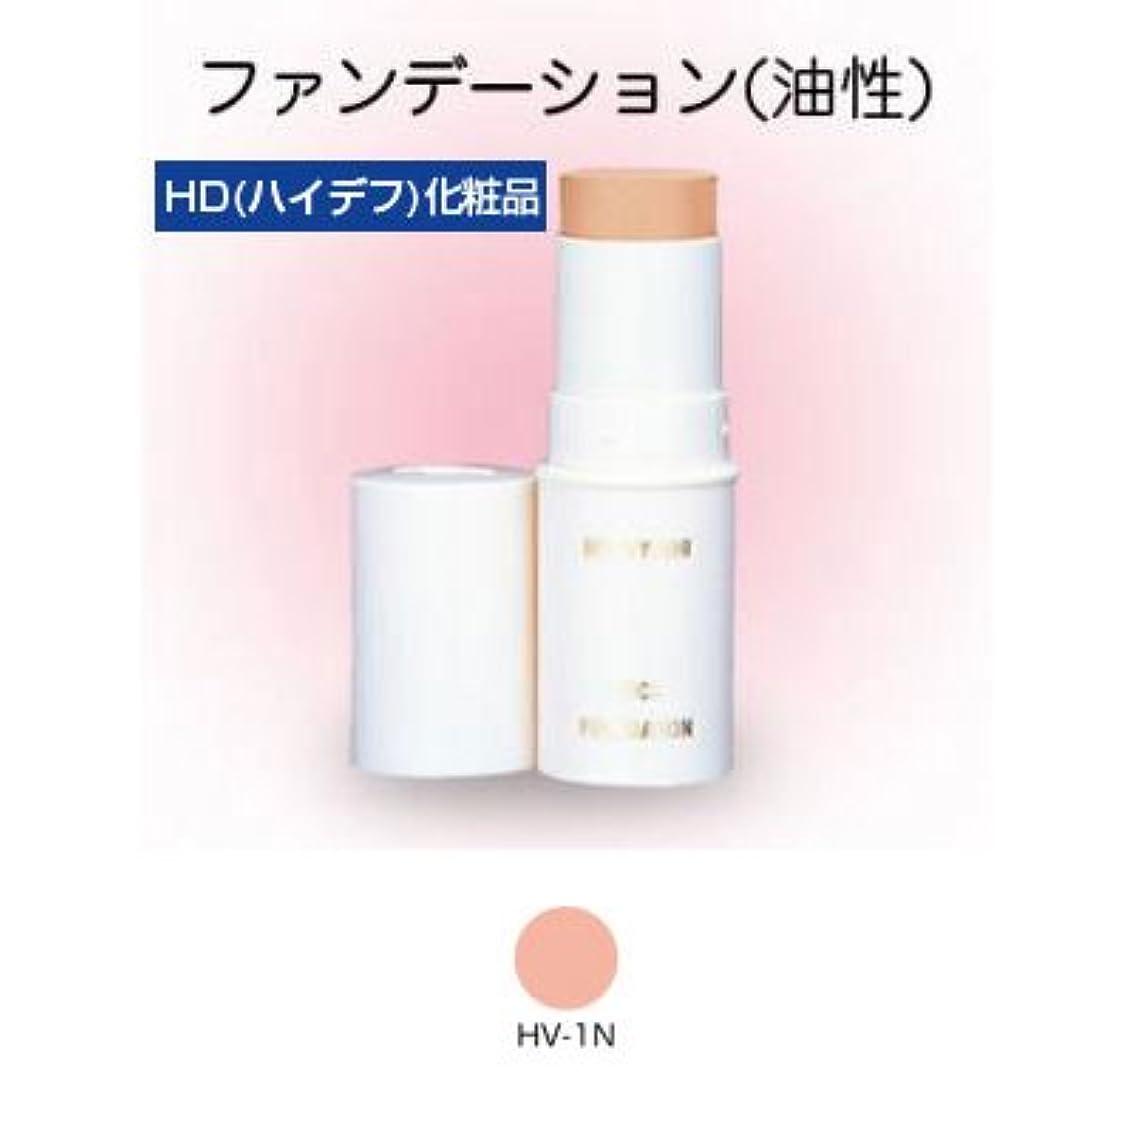 毎回スローガンリムスティックファンデーション HD化粧品 17g 1NY 【三善】